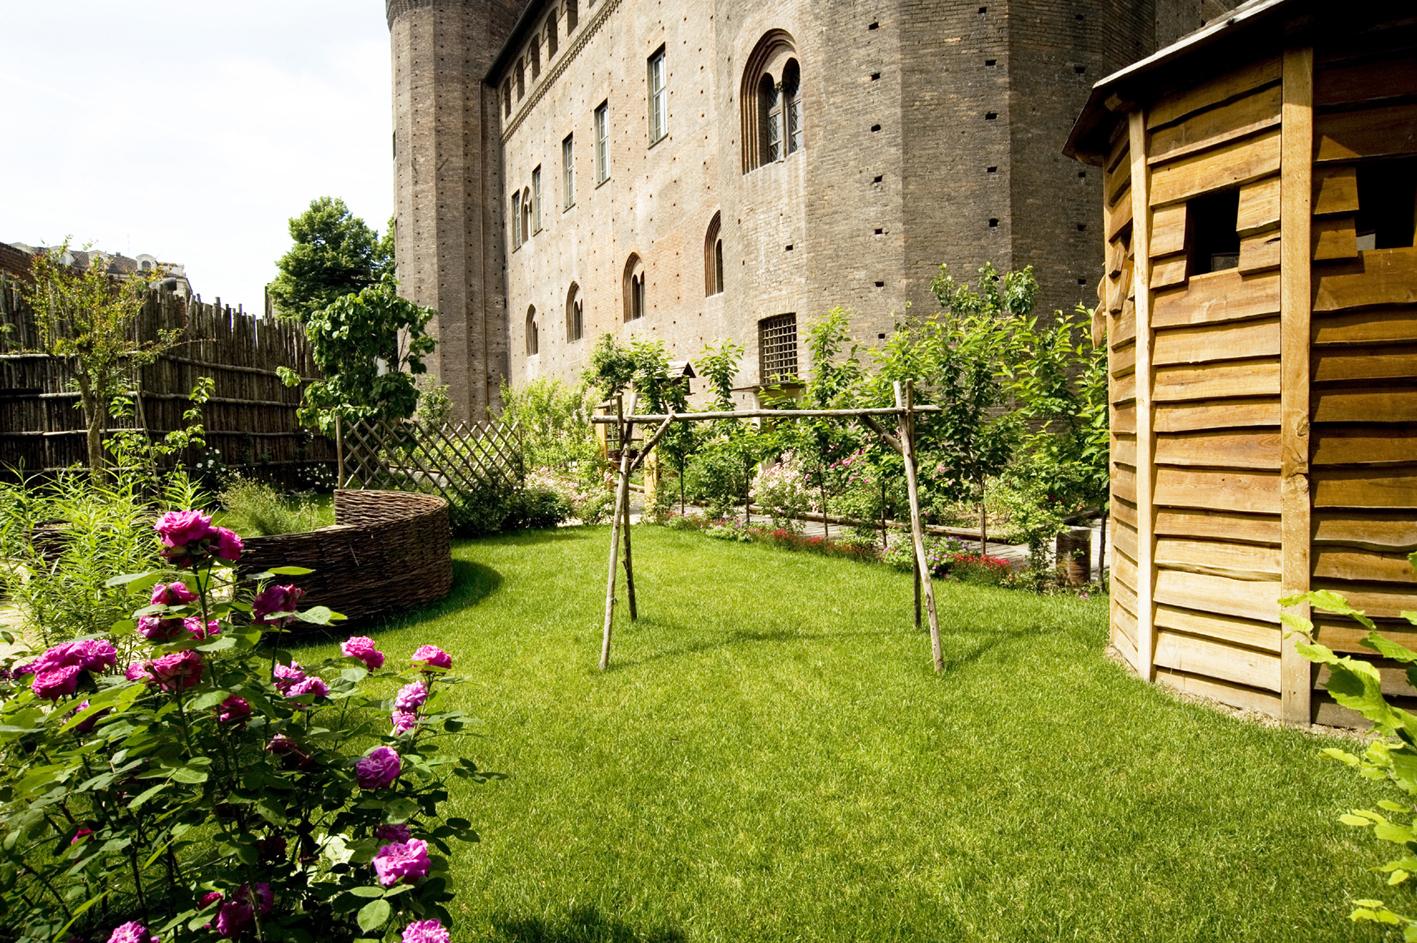 Photo of I giardini di Torino che sembrano usciti da un libro delle favole: splendori cittadini dal fascino unico